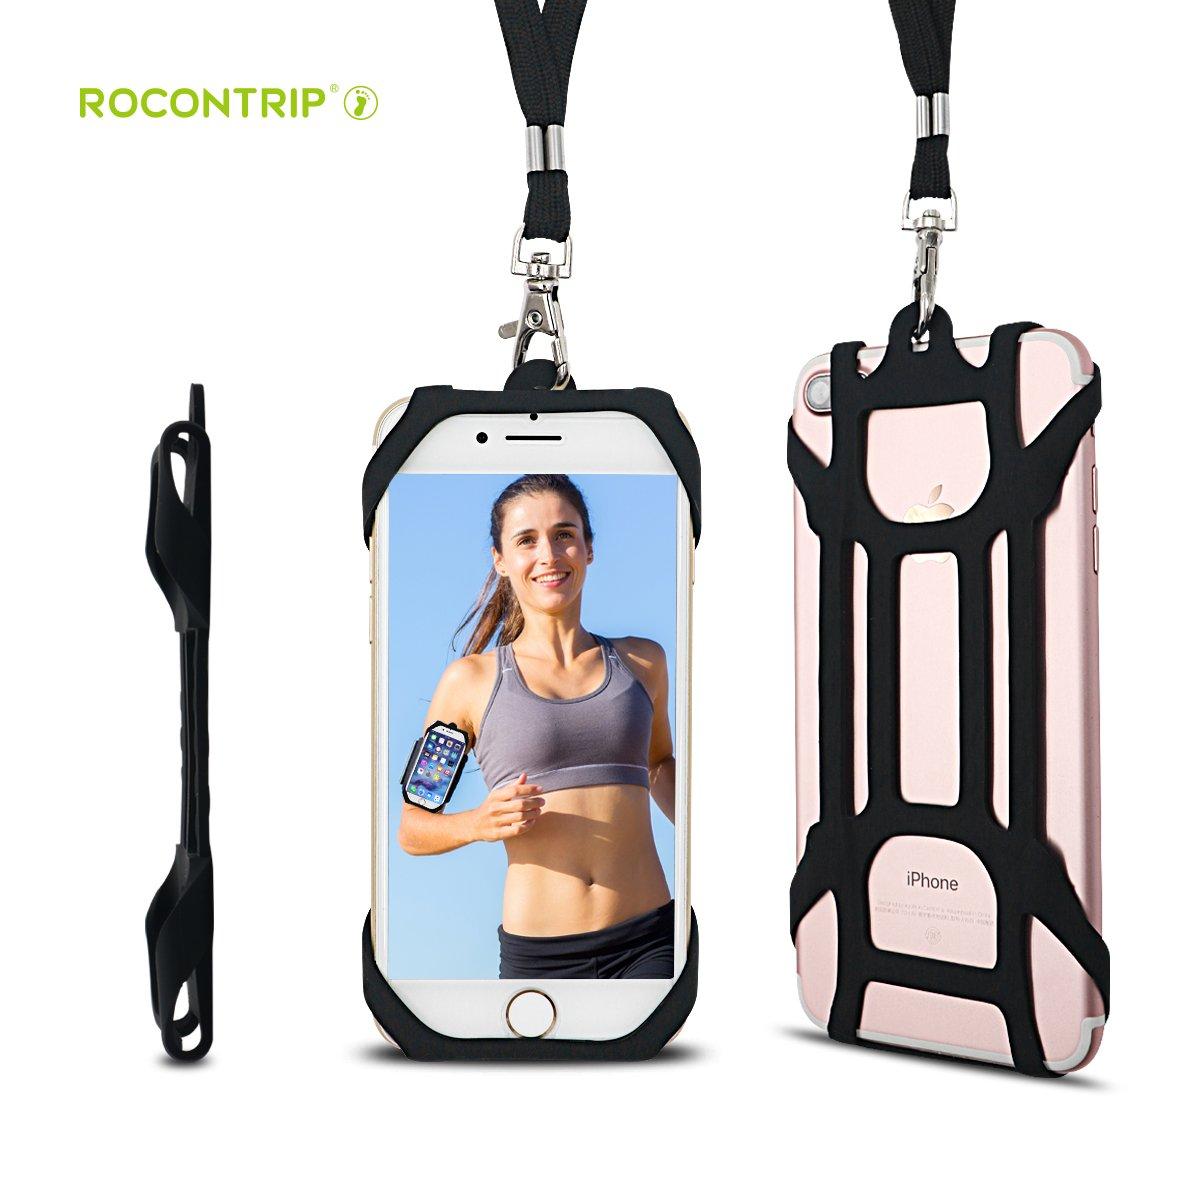 ROCONTRIP 2en 1téléphone Portable Lanière Coque avec Support Amovible Neckstrap Universel pour Smartphone iPhone 8,76S iPhone 6S Plus, Google Pixel LG HTC Huawei P104.7–14cm UK-T16109